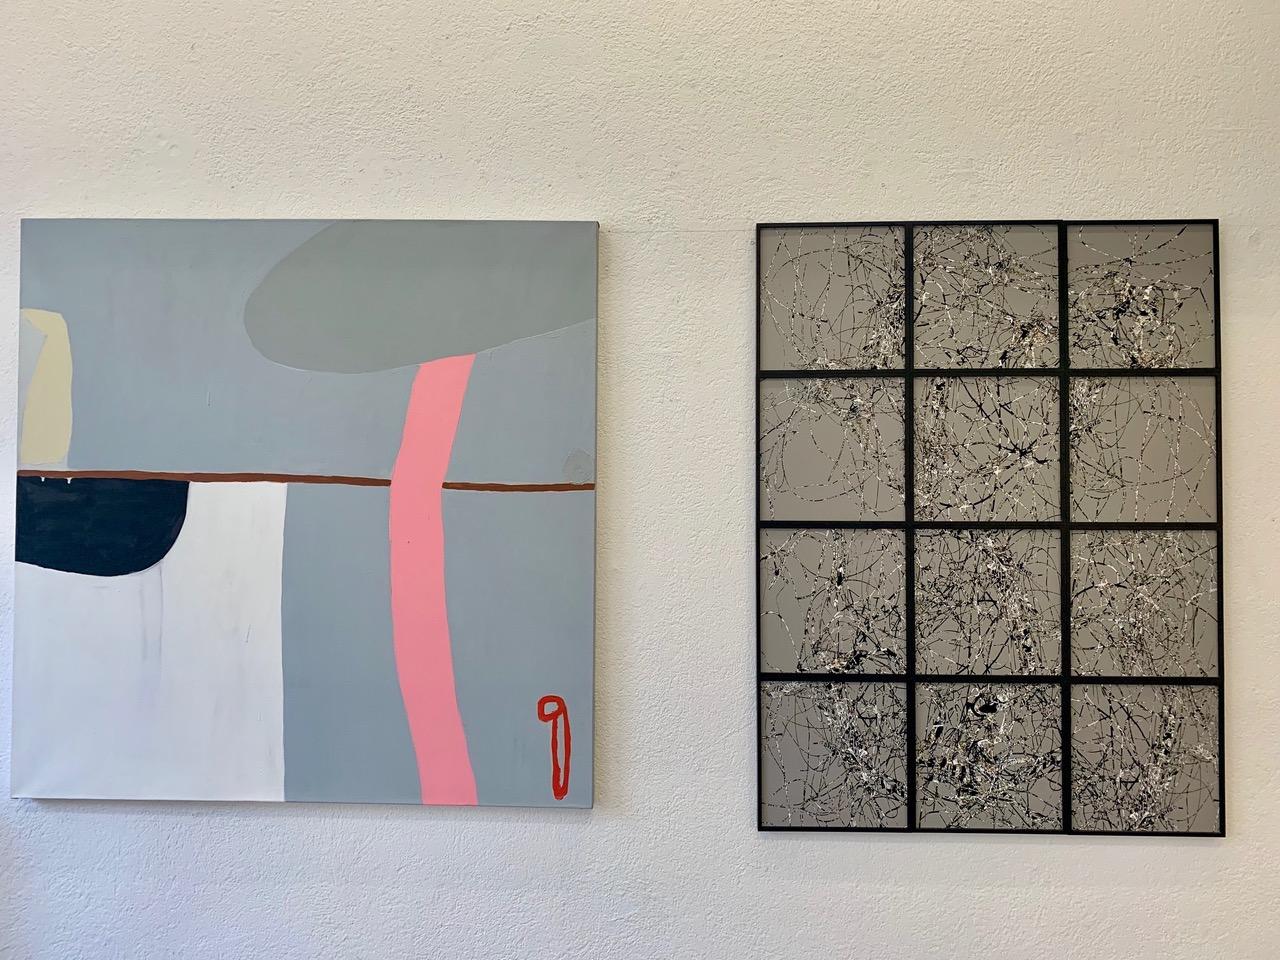 20 -2019 - Compositions Espace _L , Geneva  - 1 .jpeg